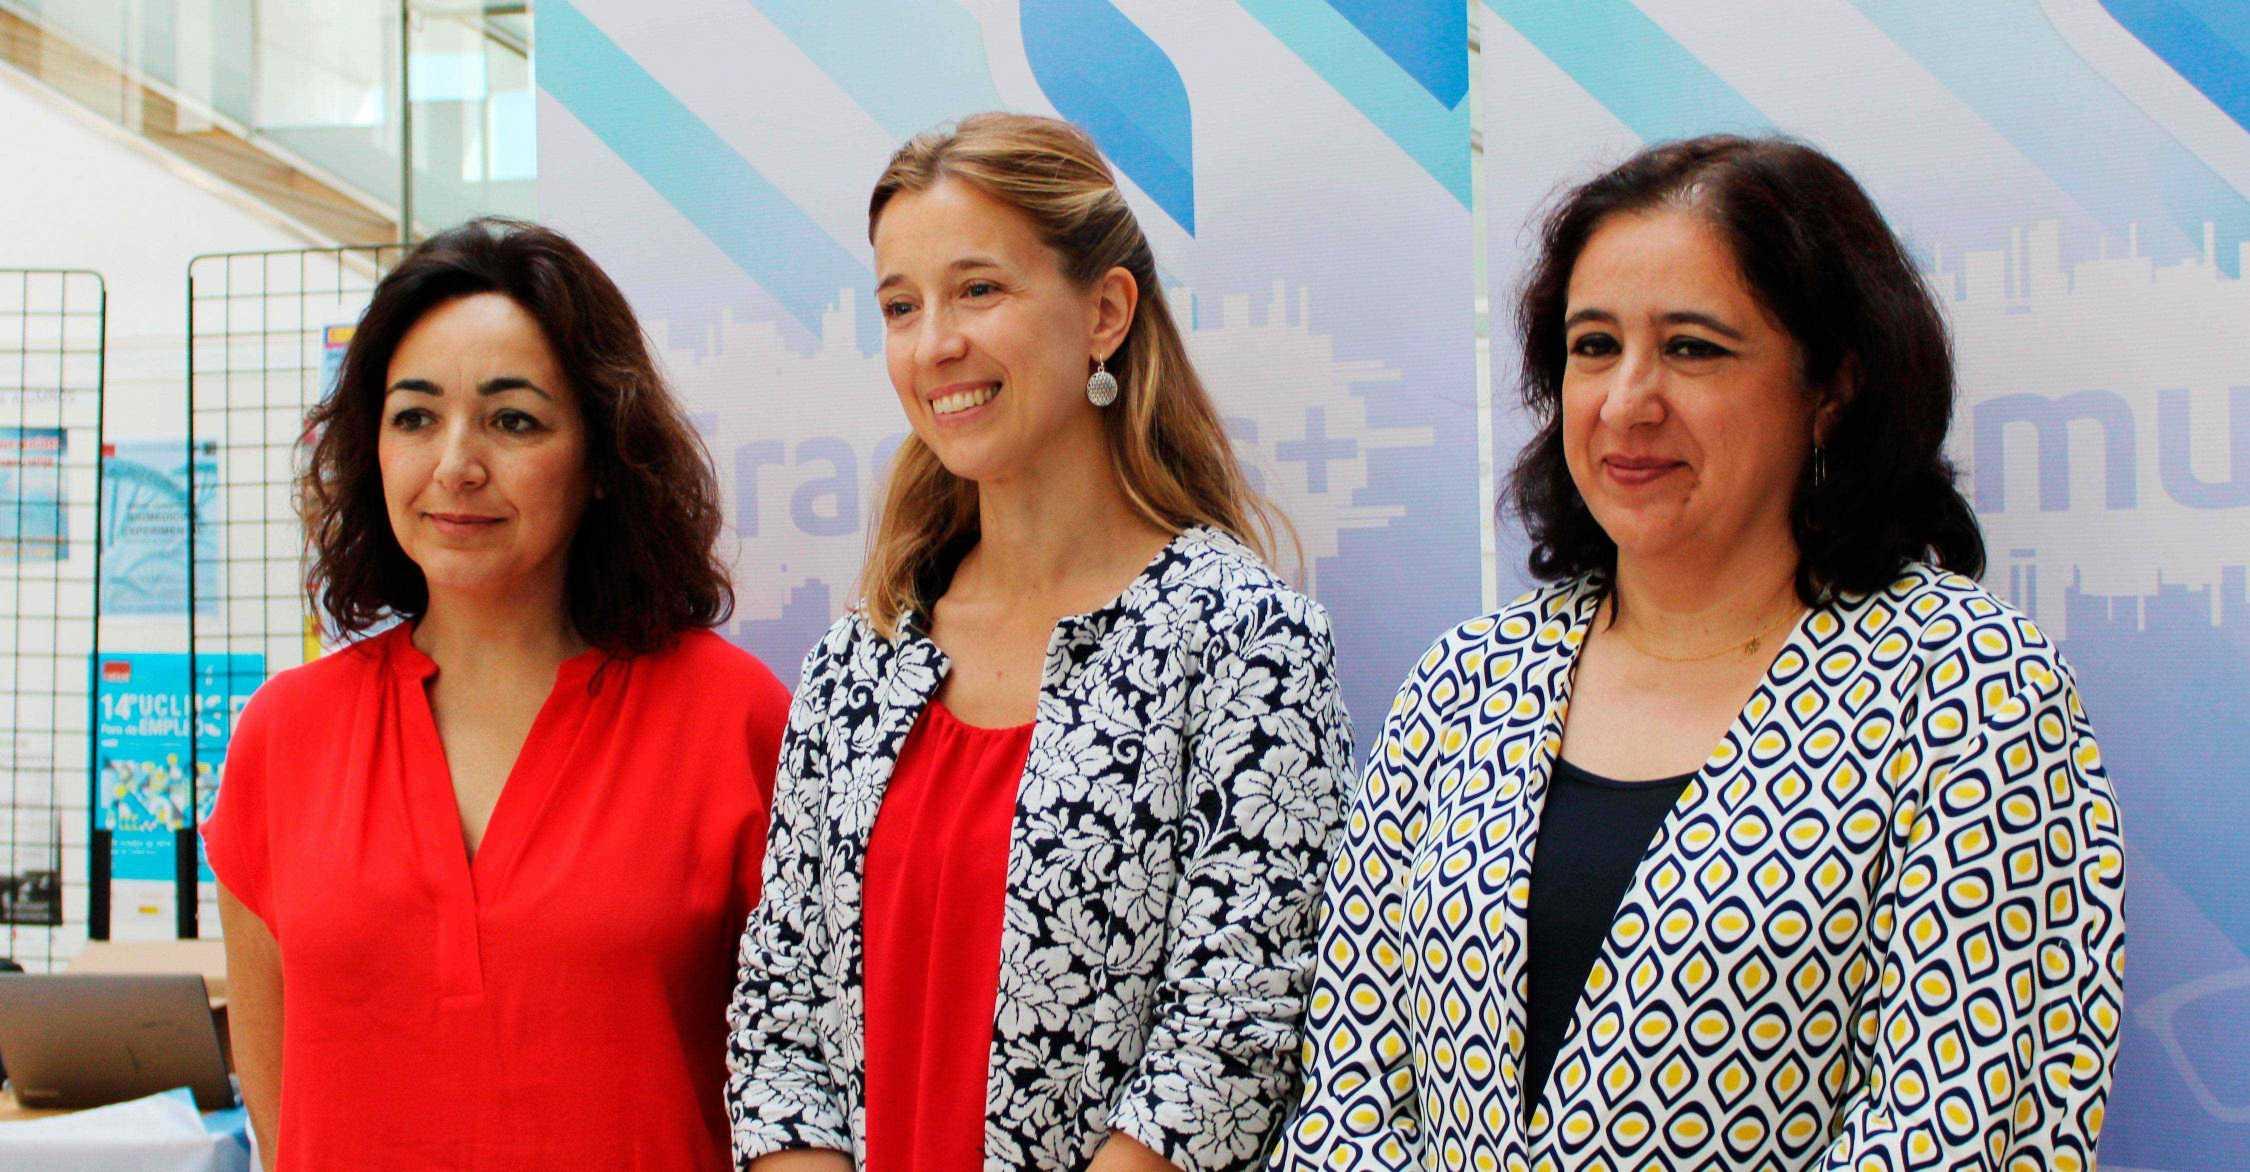 El Gobierno regional destaca los programas Erasmus+KA2 como una oportunidad para la internacionalización de nuestras instituciones y el intercambio de buenas prácticas formativas